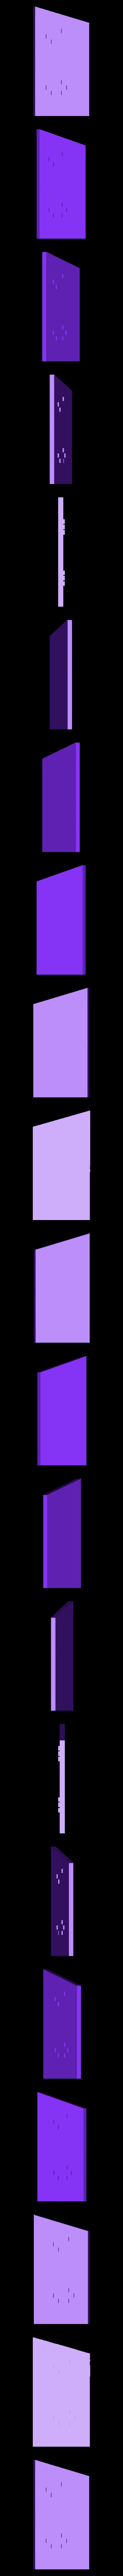 nick2_back_ext_wall2.stl Télécharger fichier STL gratuit Ripper's London - The Nick • Plan pour imprimante 3D, Earsling